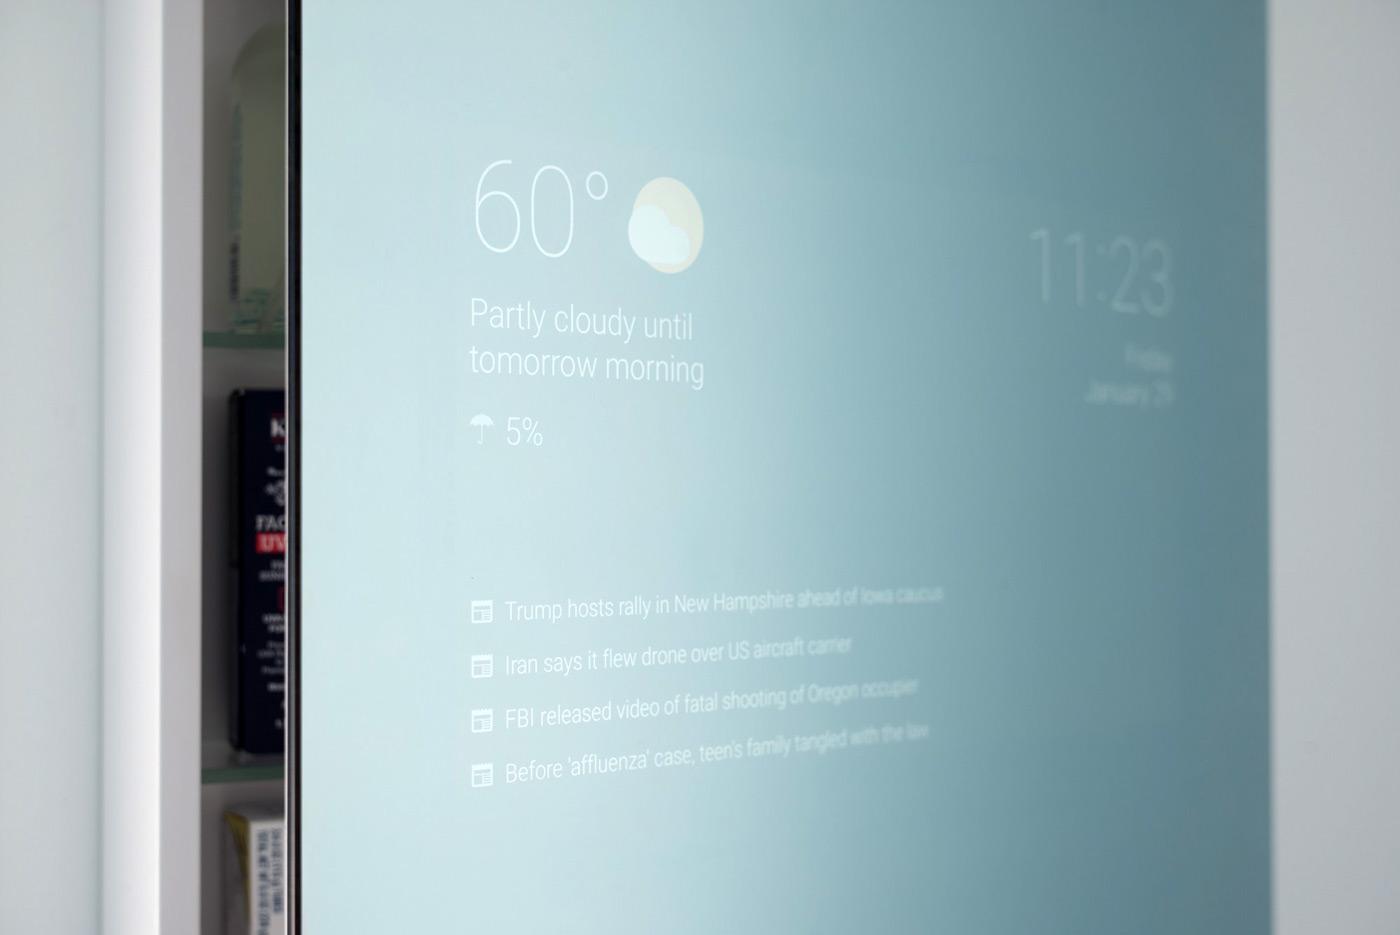 智能镜子还没有普及,但 Google 员工先自制了一面